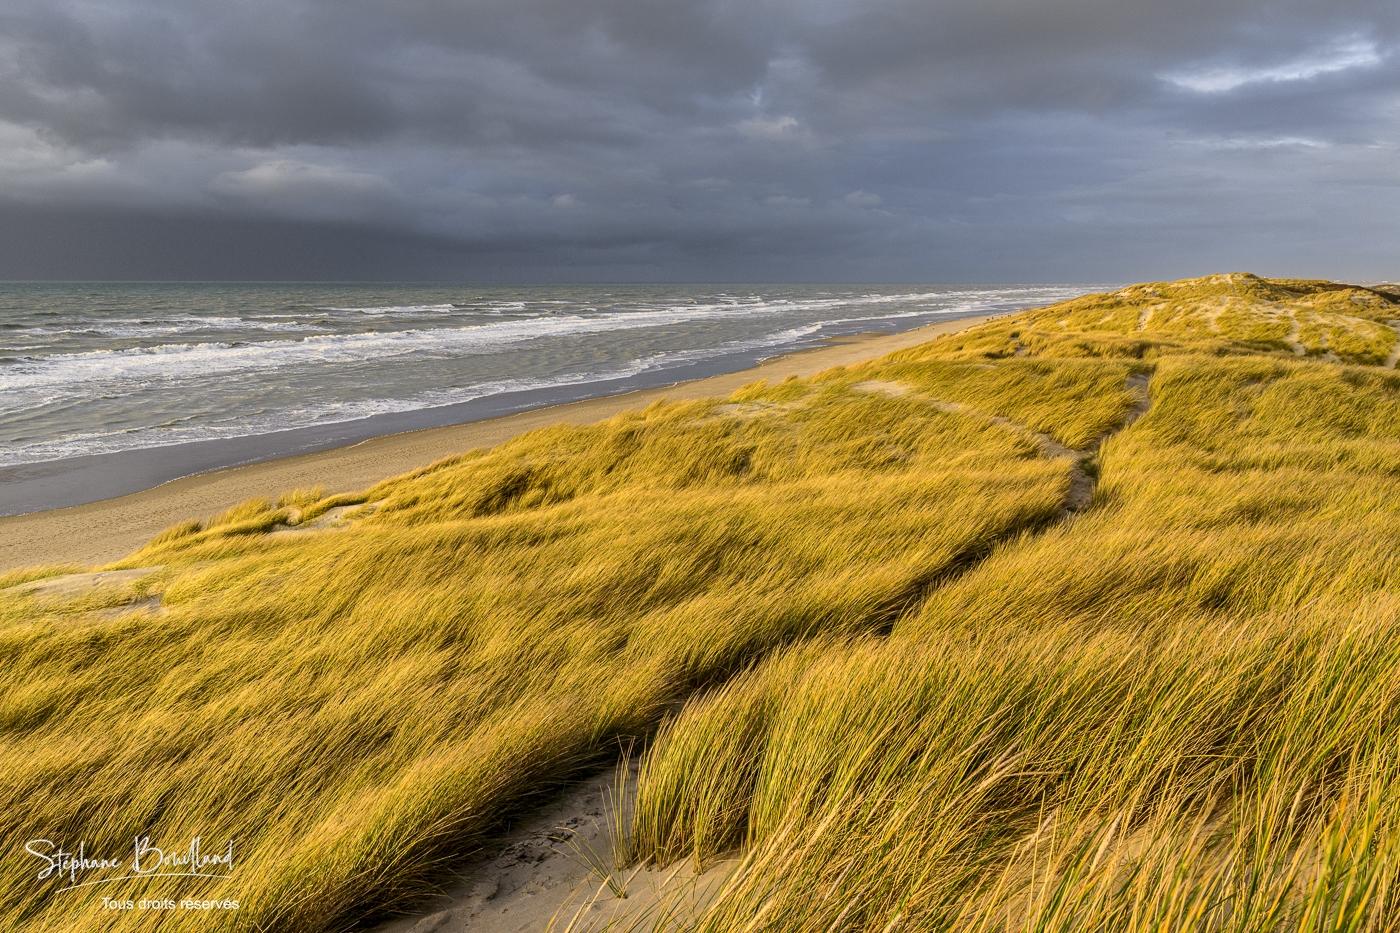 Les dunes du Marquenterre entre Fort-Mahon et la Baie d'Authie en Picardie Maritime